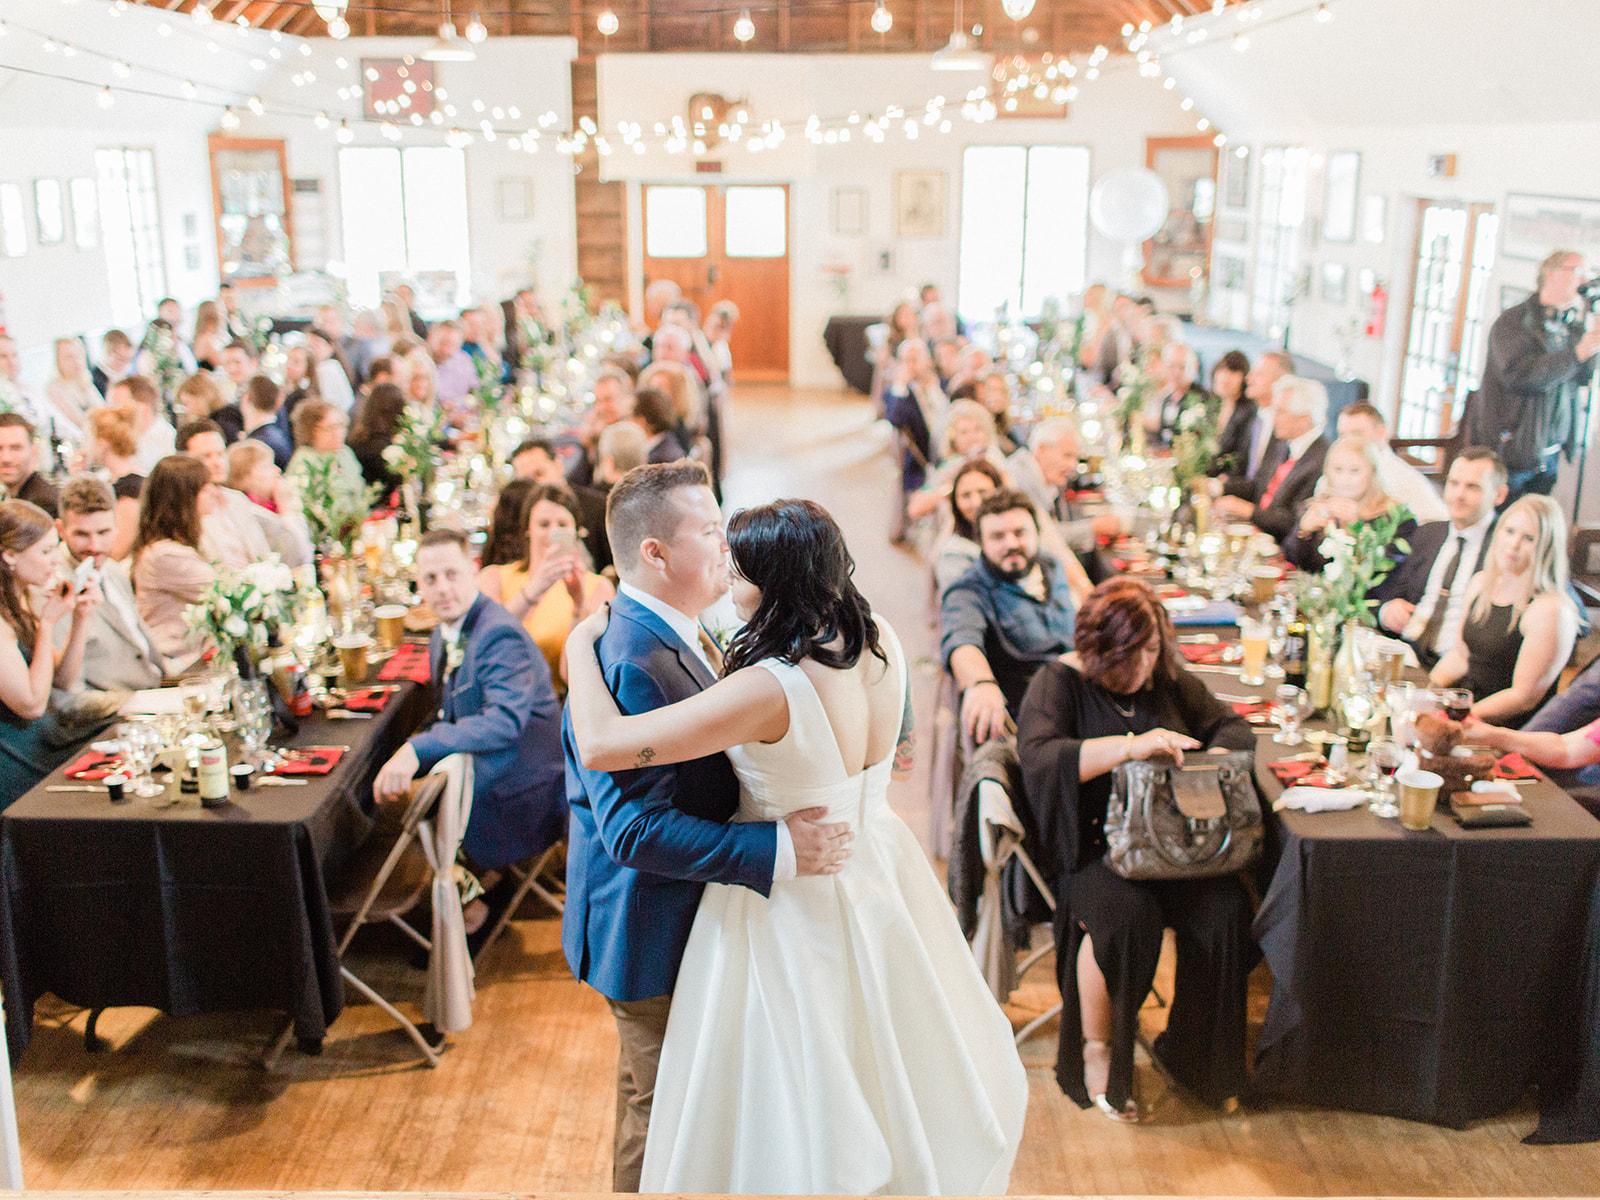 Courtney & Matt Wedding 2019-560_websize.jpg